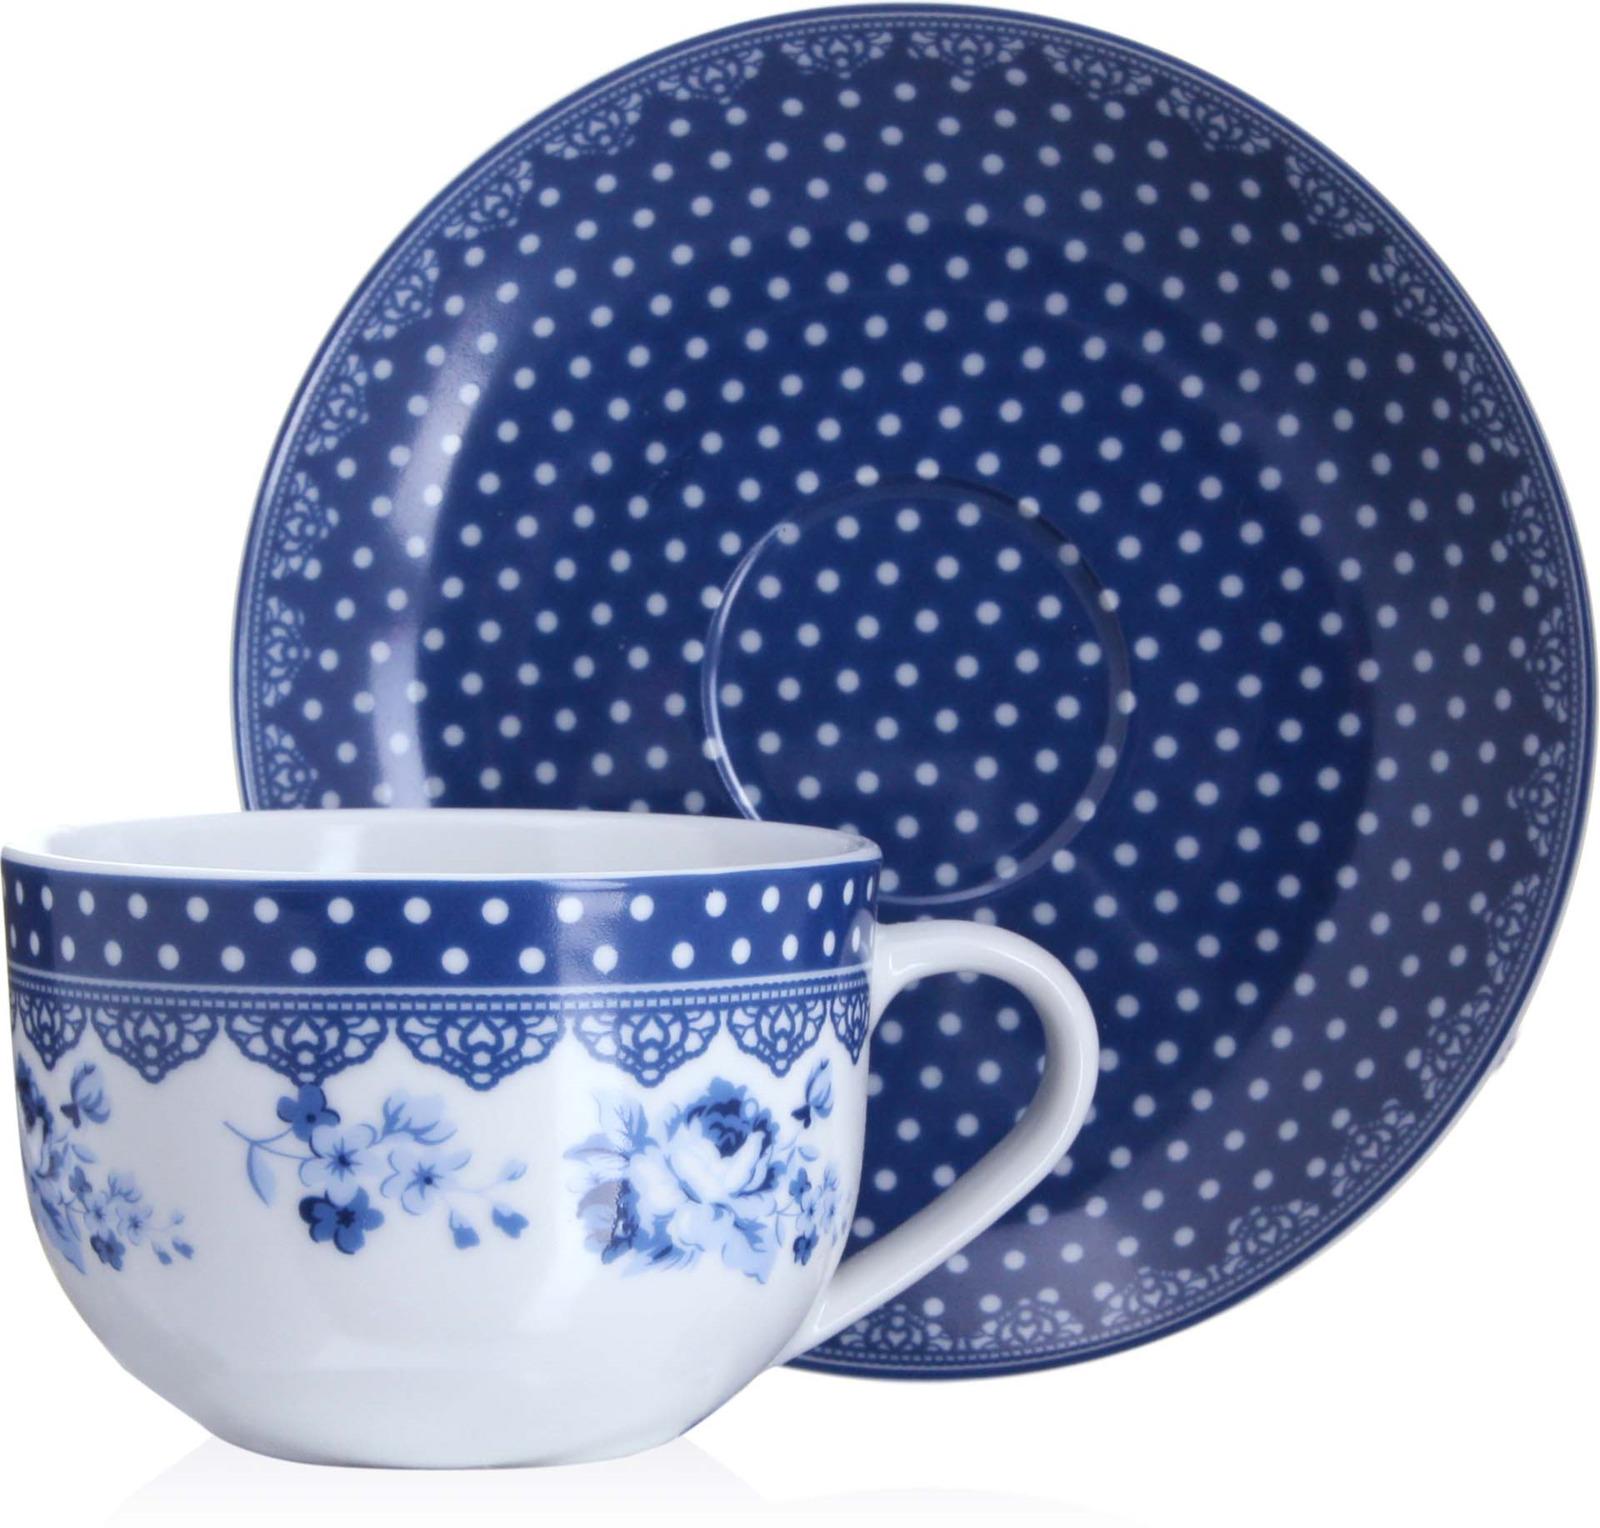 Чайная пара Loraine изготовлена из высококачественного фарфора. Чашка украшена по верху широкой цветной в белый горошек каймой, стенки декорированы цветочным рисунком. Блюдце имеет цветную в белый горошек поверхность. Удобная, с классическим дизайном чайная пара не только украсит сервировку стола, но и поднимет настроение и превратит процесс чаепития в одно удовольствие. Изделия легко и просто мыть. Чайная пара прекрасно подойдет в качестве подарка для родных и друзей!